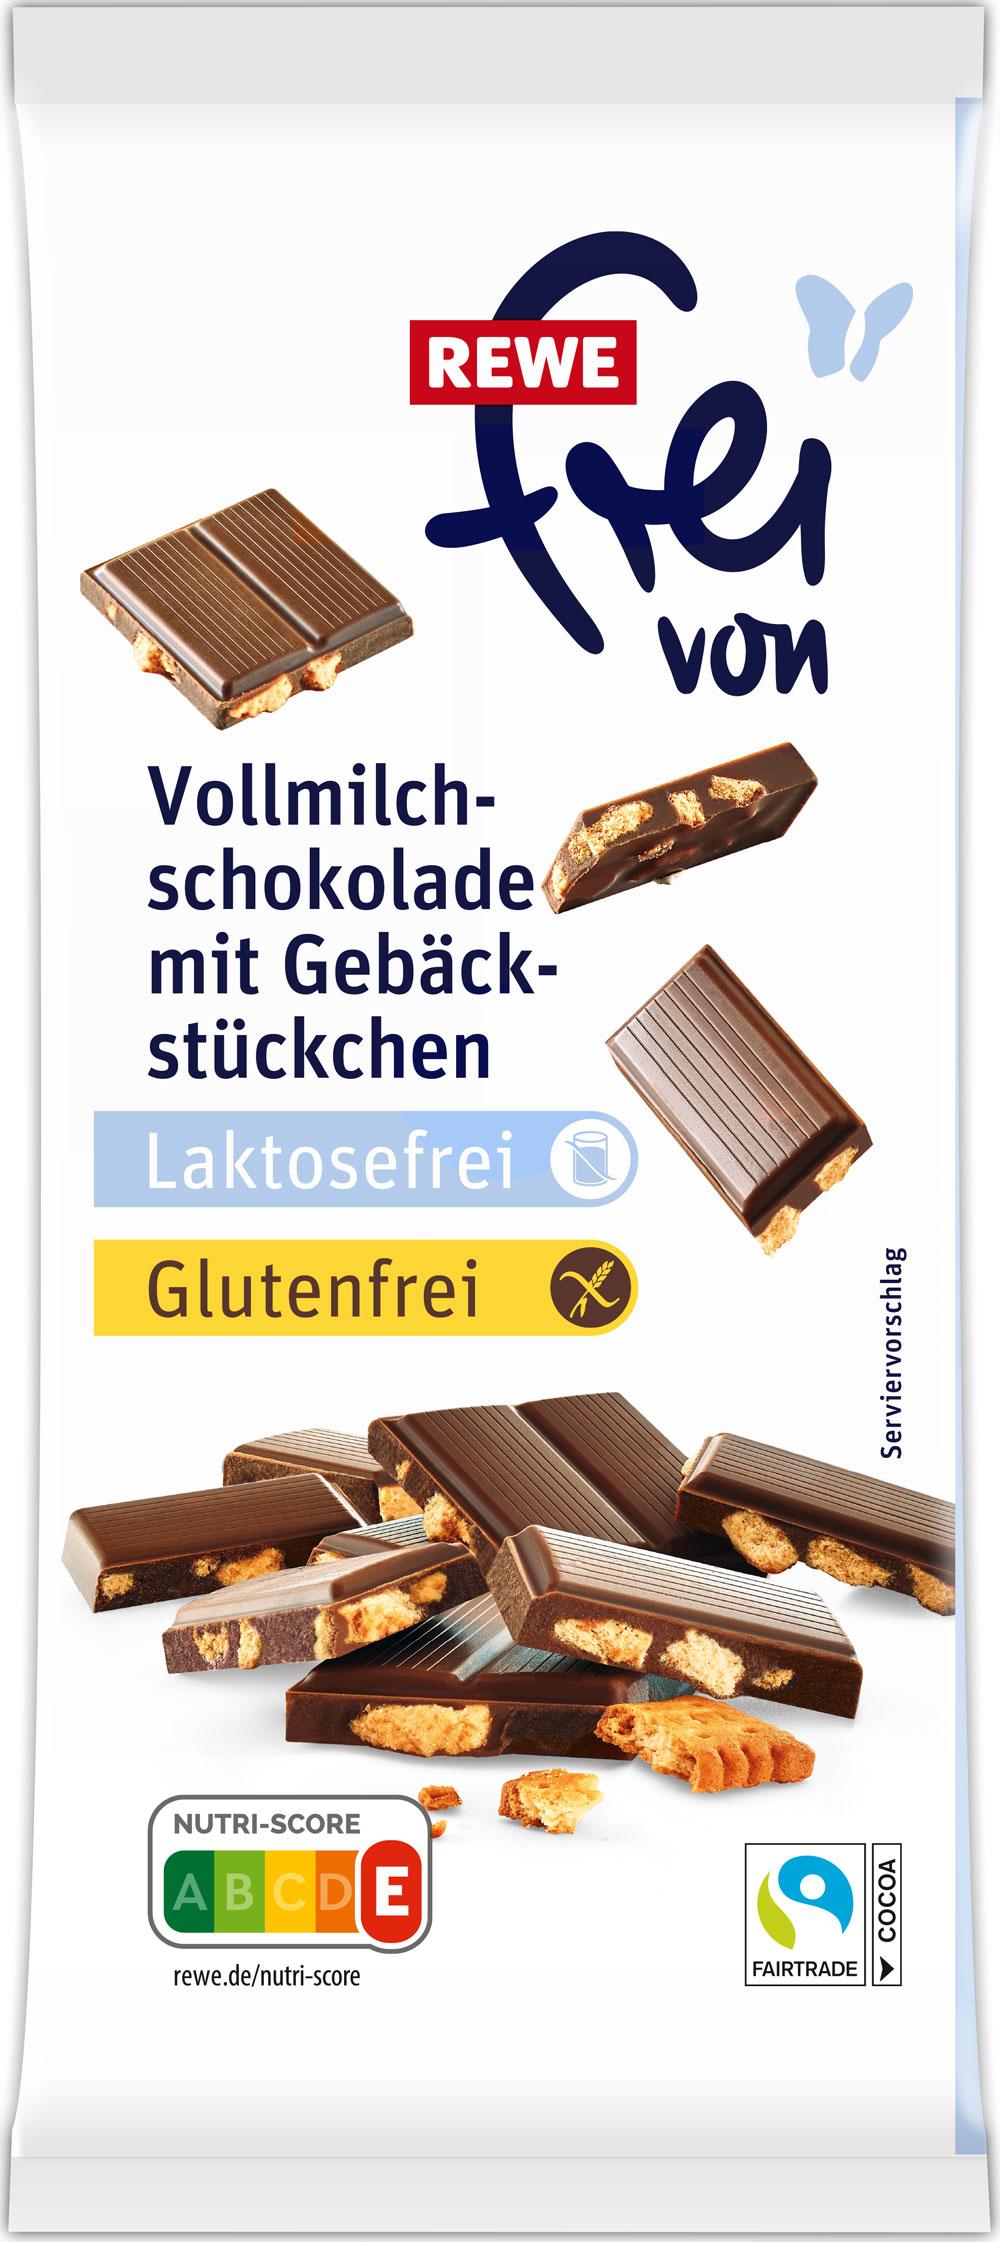 Laktosefreie Vollmilchschokolade mit Gebäckstückchen